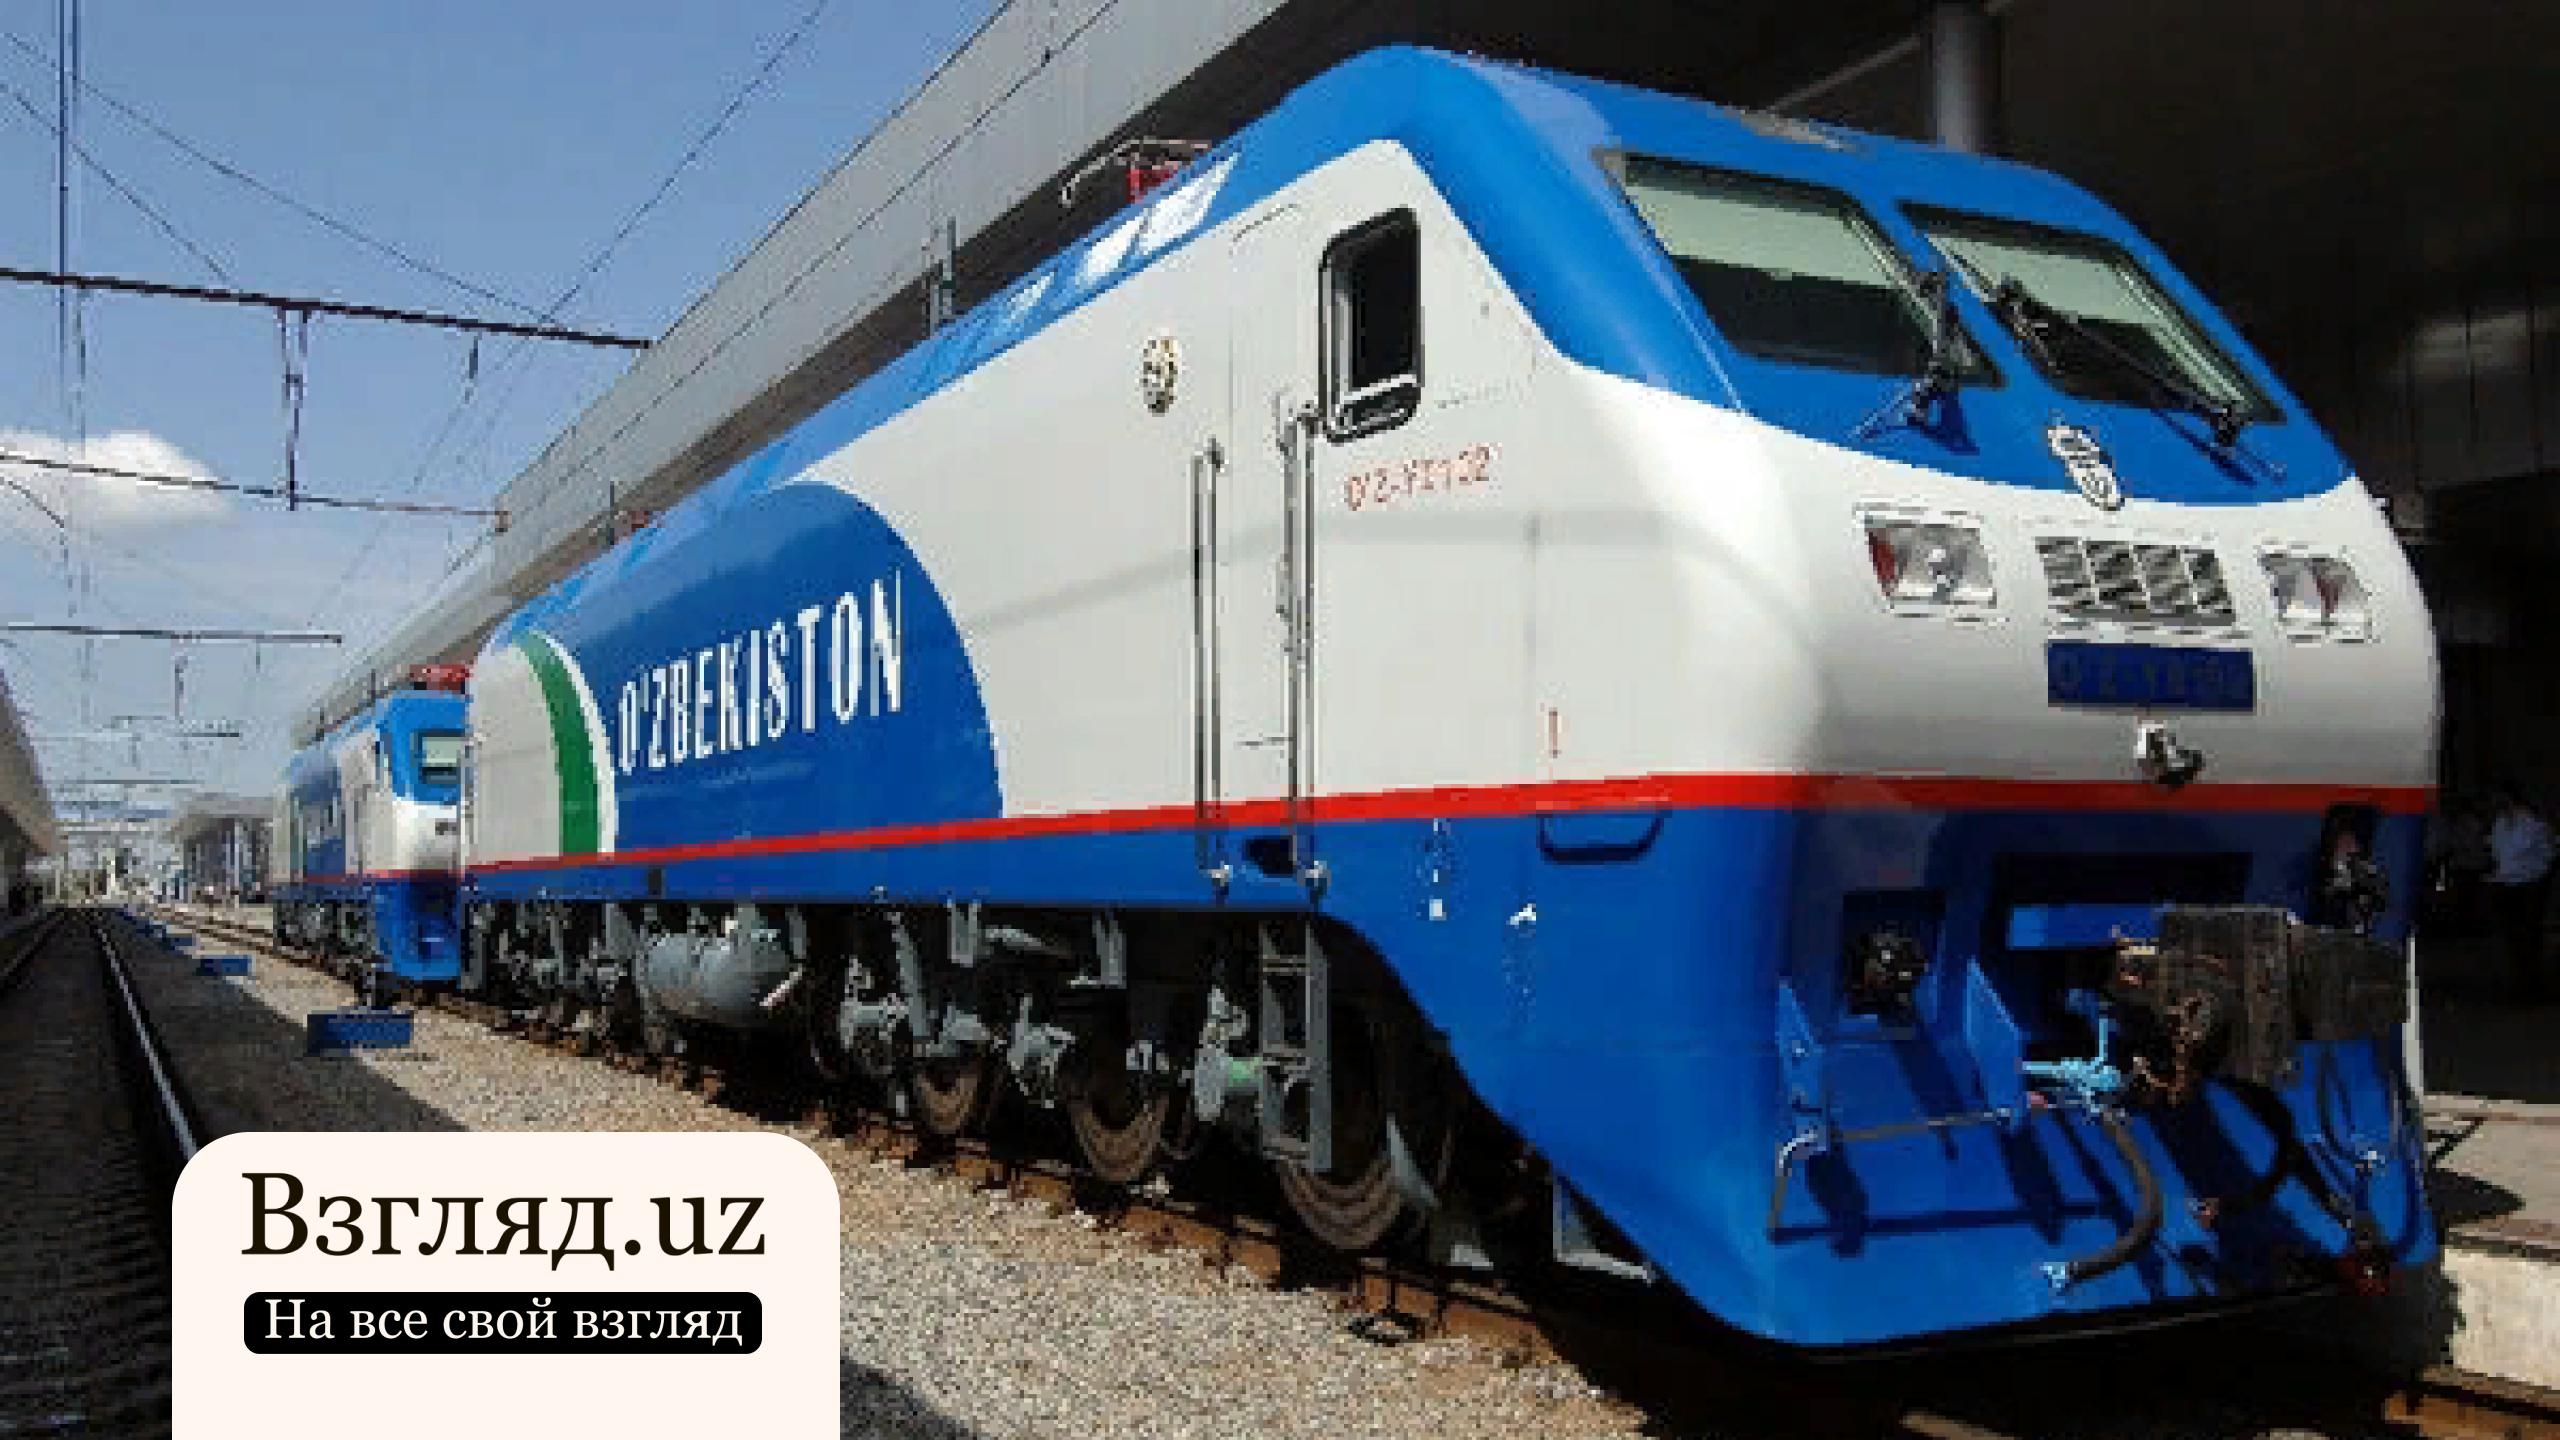 Организованы поезда для возвращения узбекистанцев из России